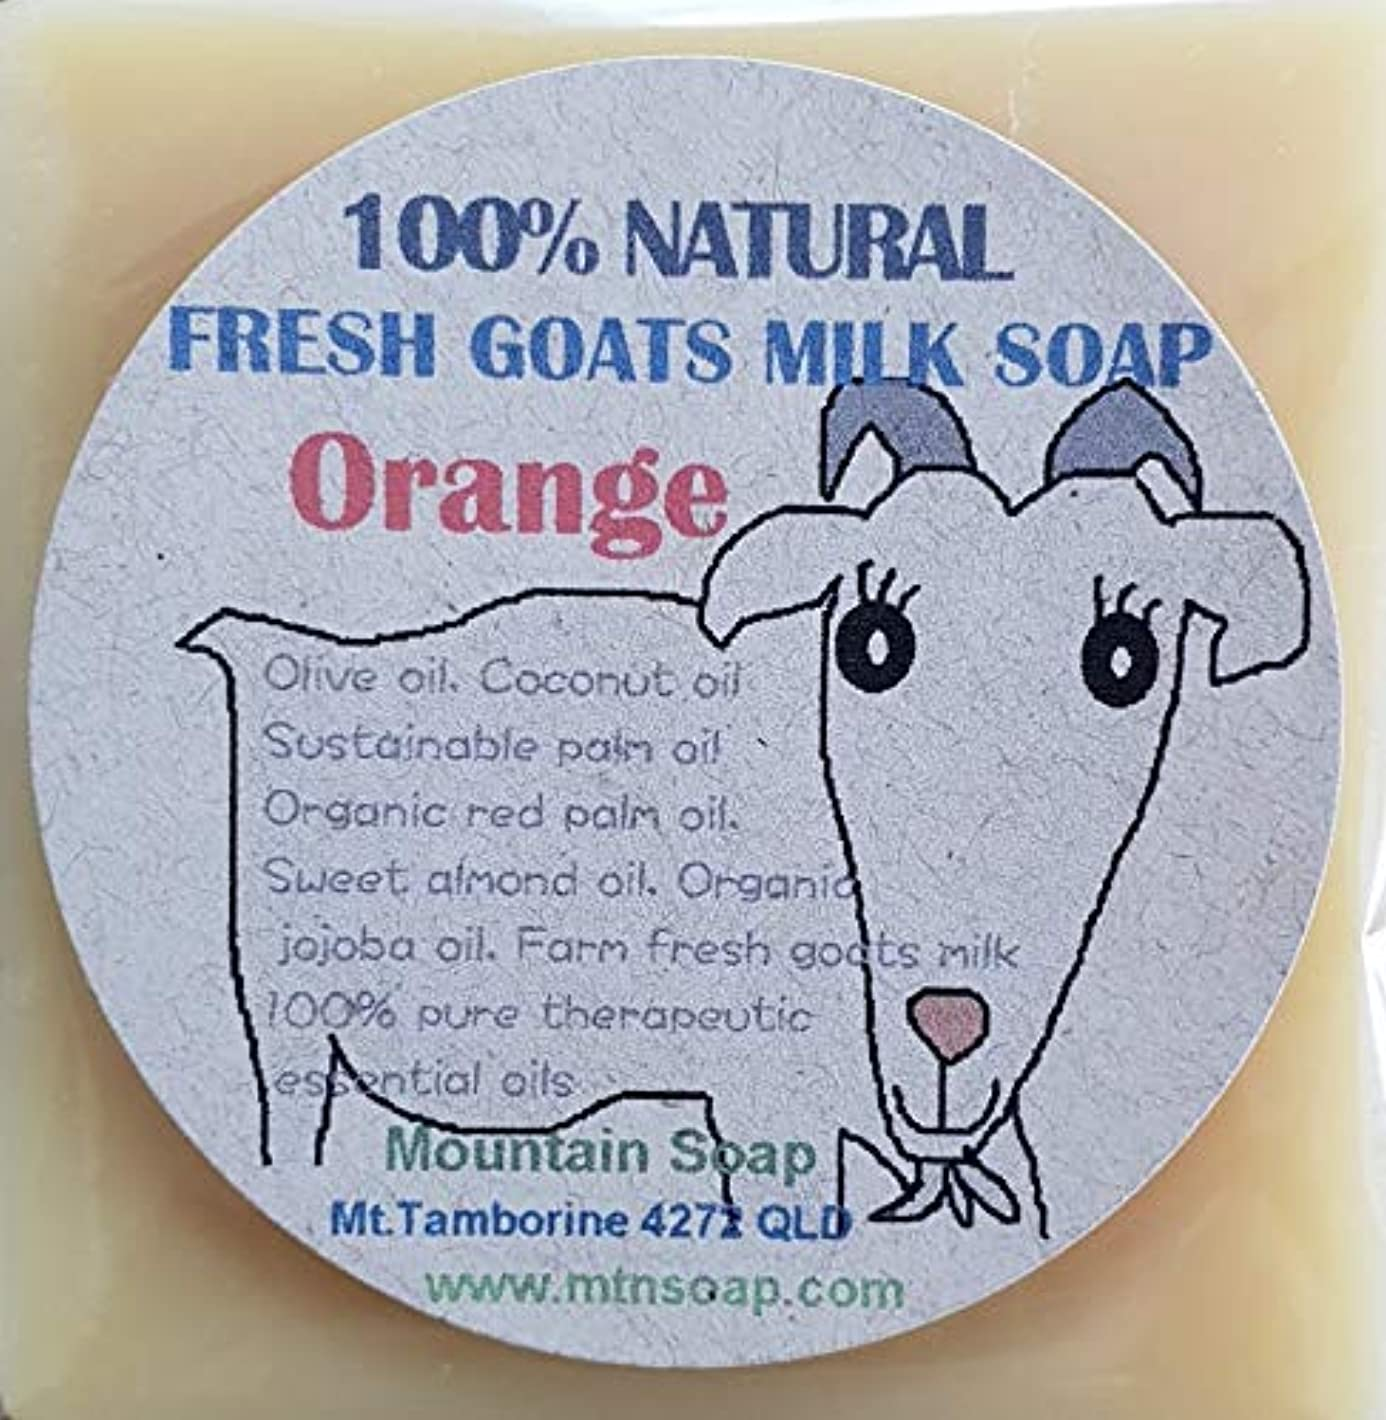 是正するのスコア排除する【Mountain Soap】農場直送絞りたて生乳使用 ゴートミルク石鹸 オレンジ